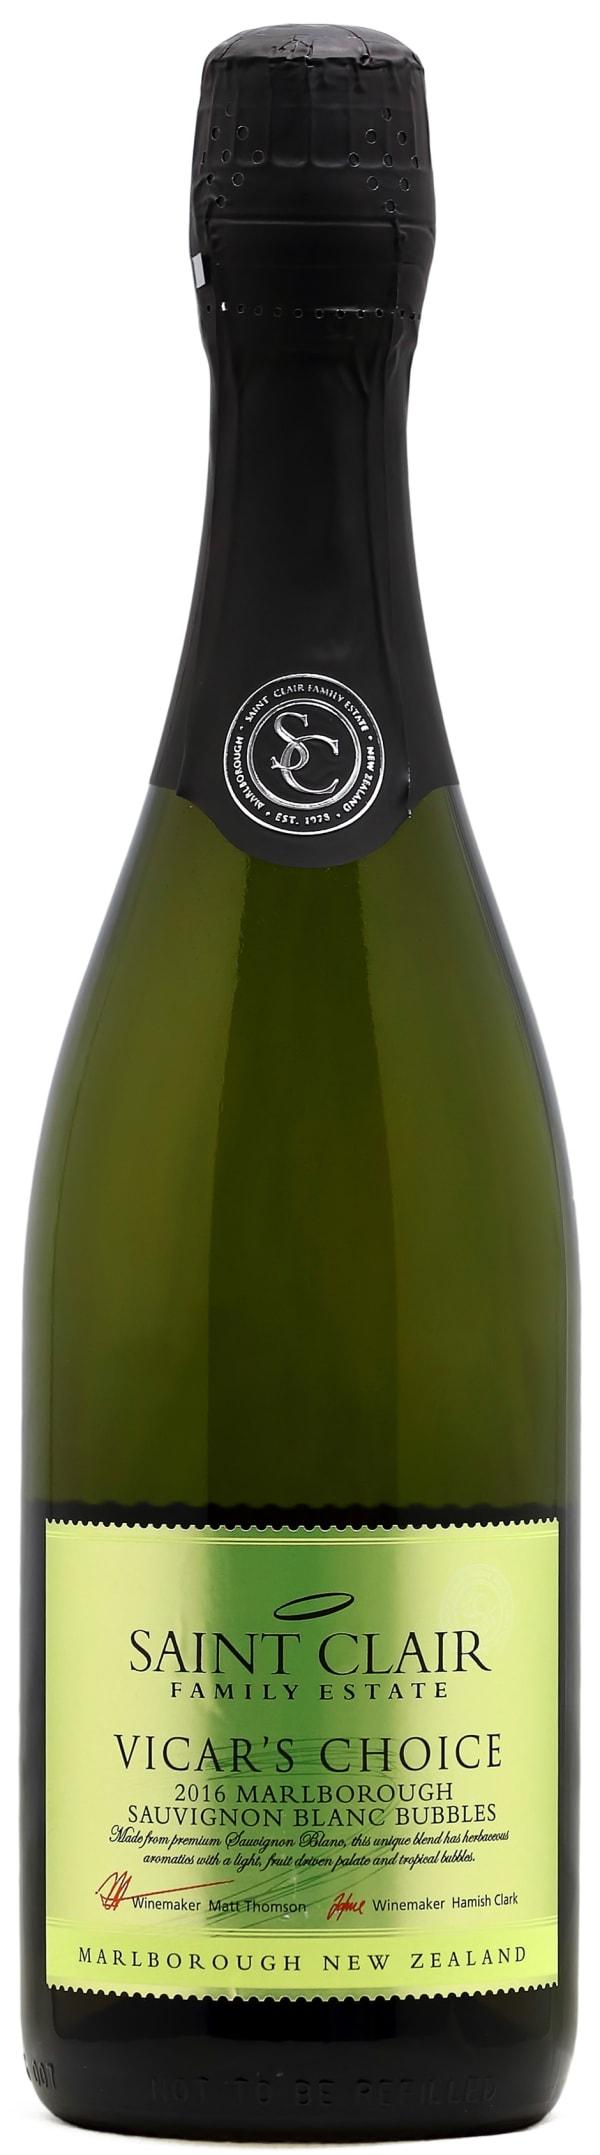 Saint Clair Vicar's Choice Sauvignon Blanc Bubbles Brut 2019